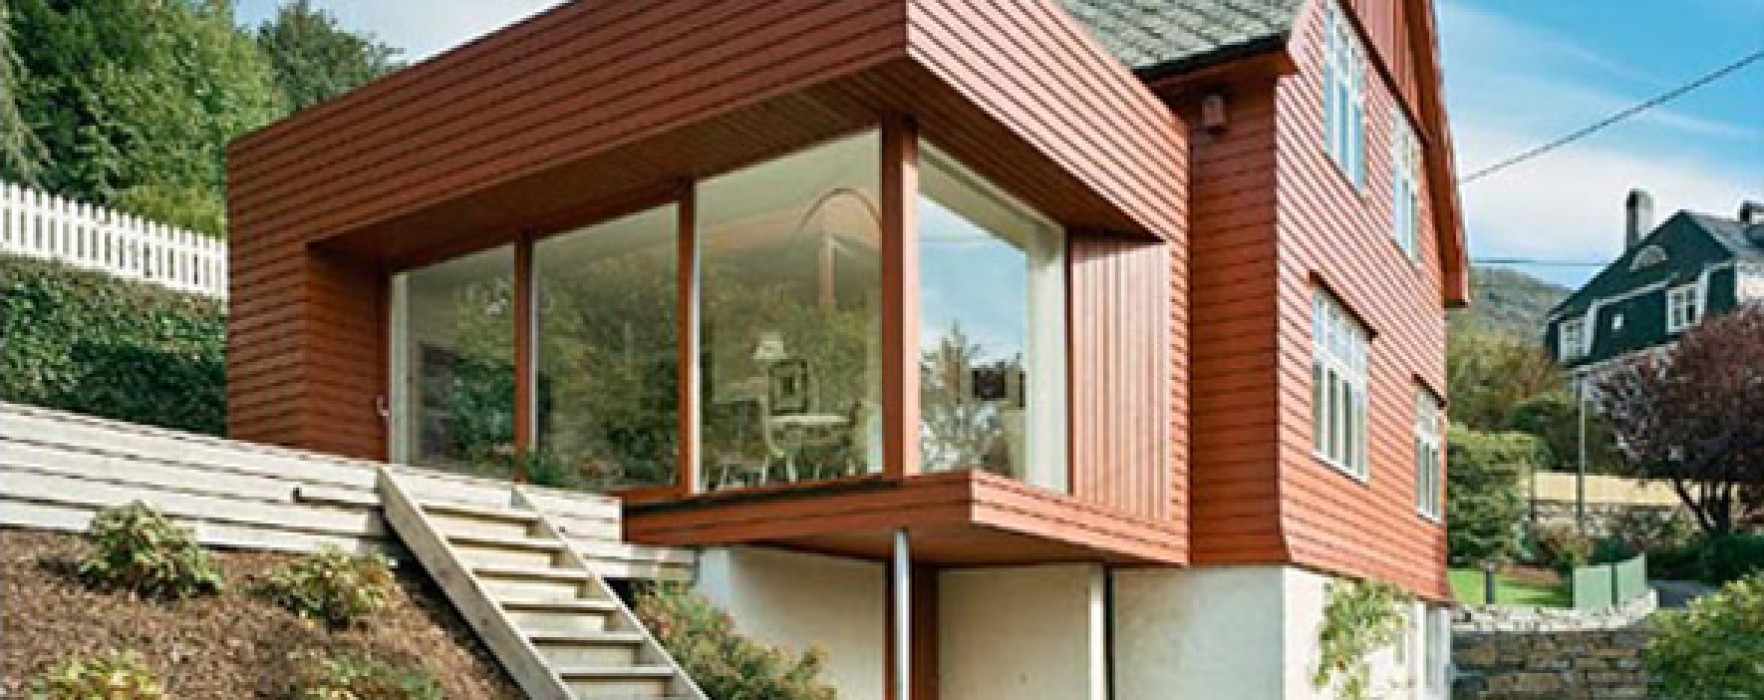 Una casa prefabbricata in legno economica - Casa prefabbricata legno prezzi ...